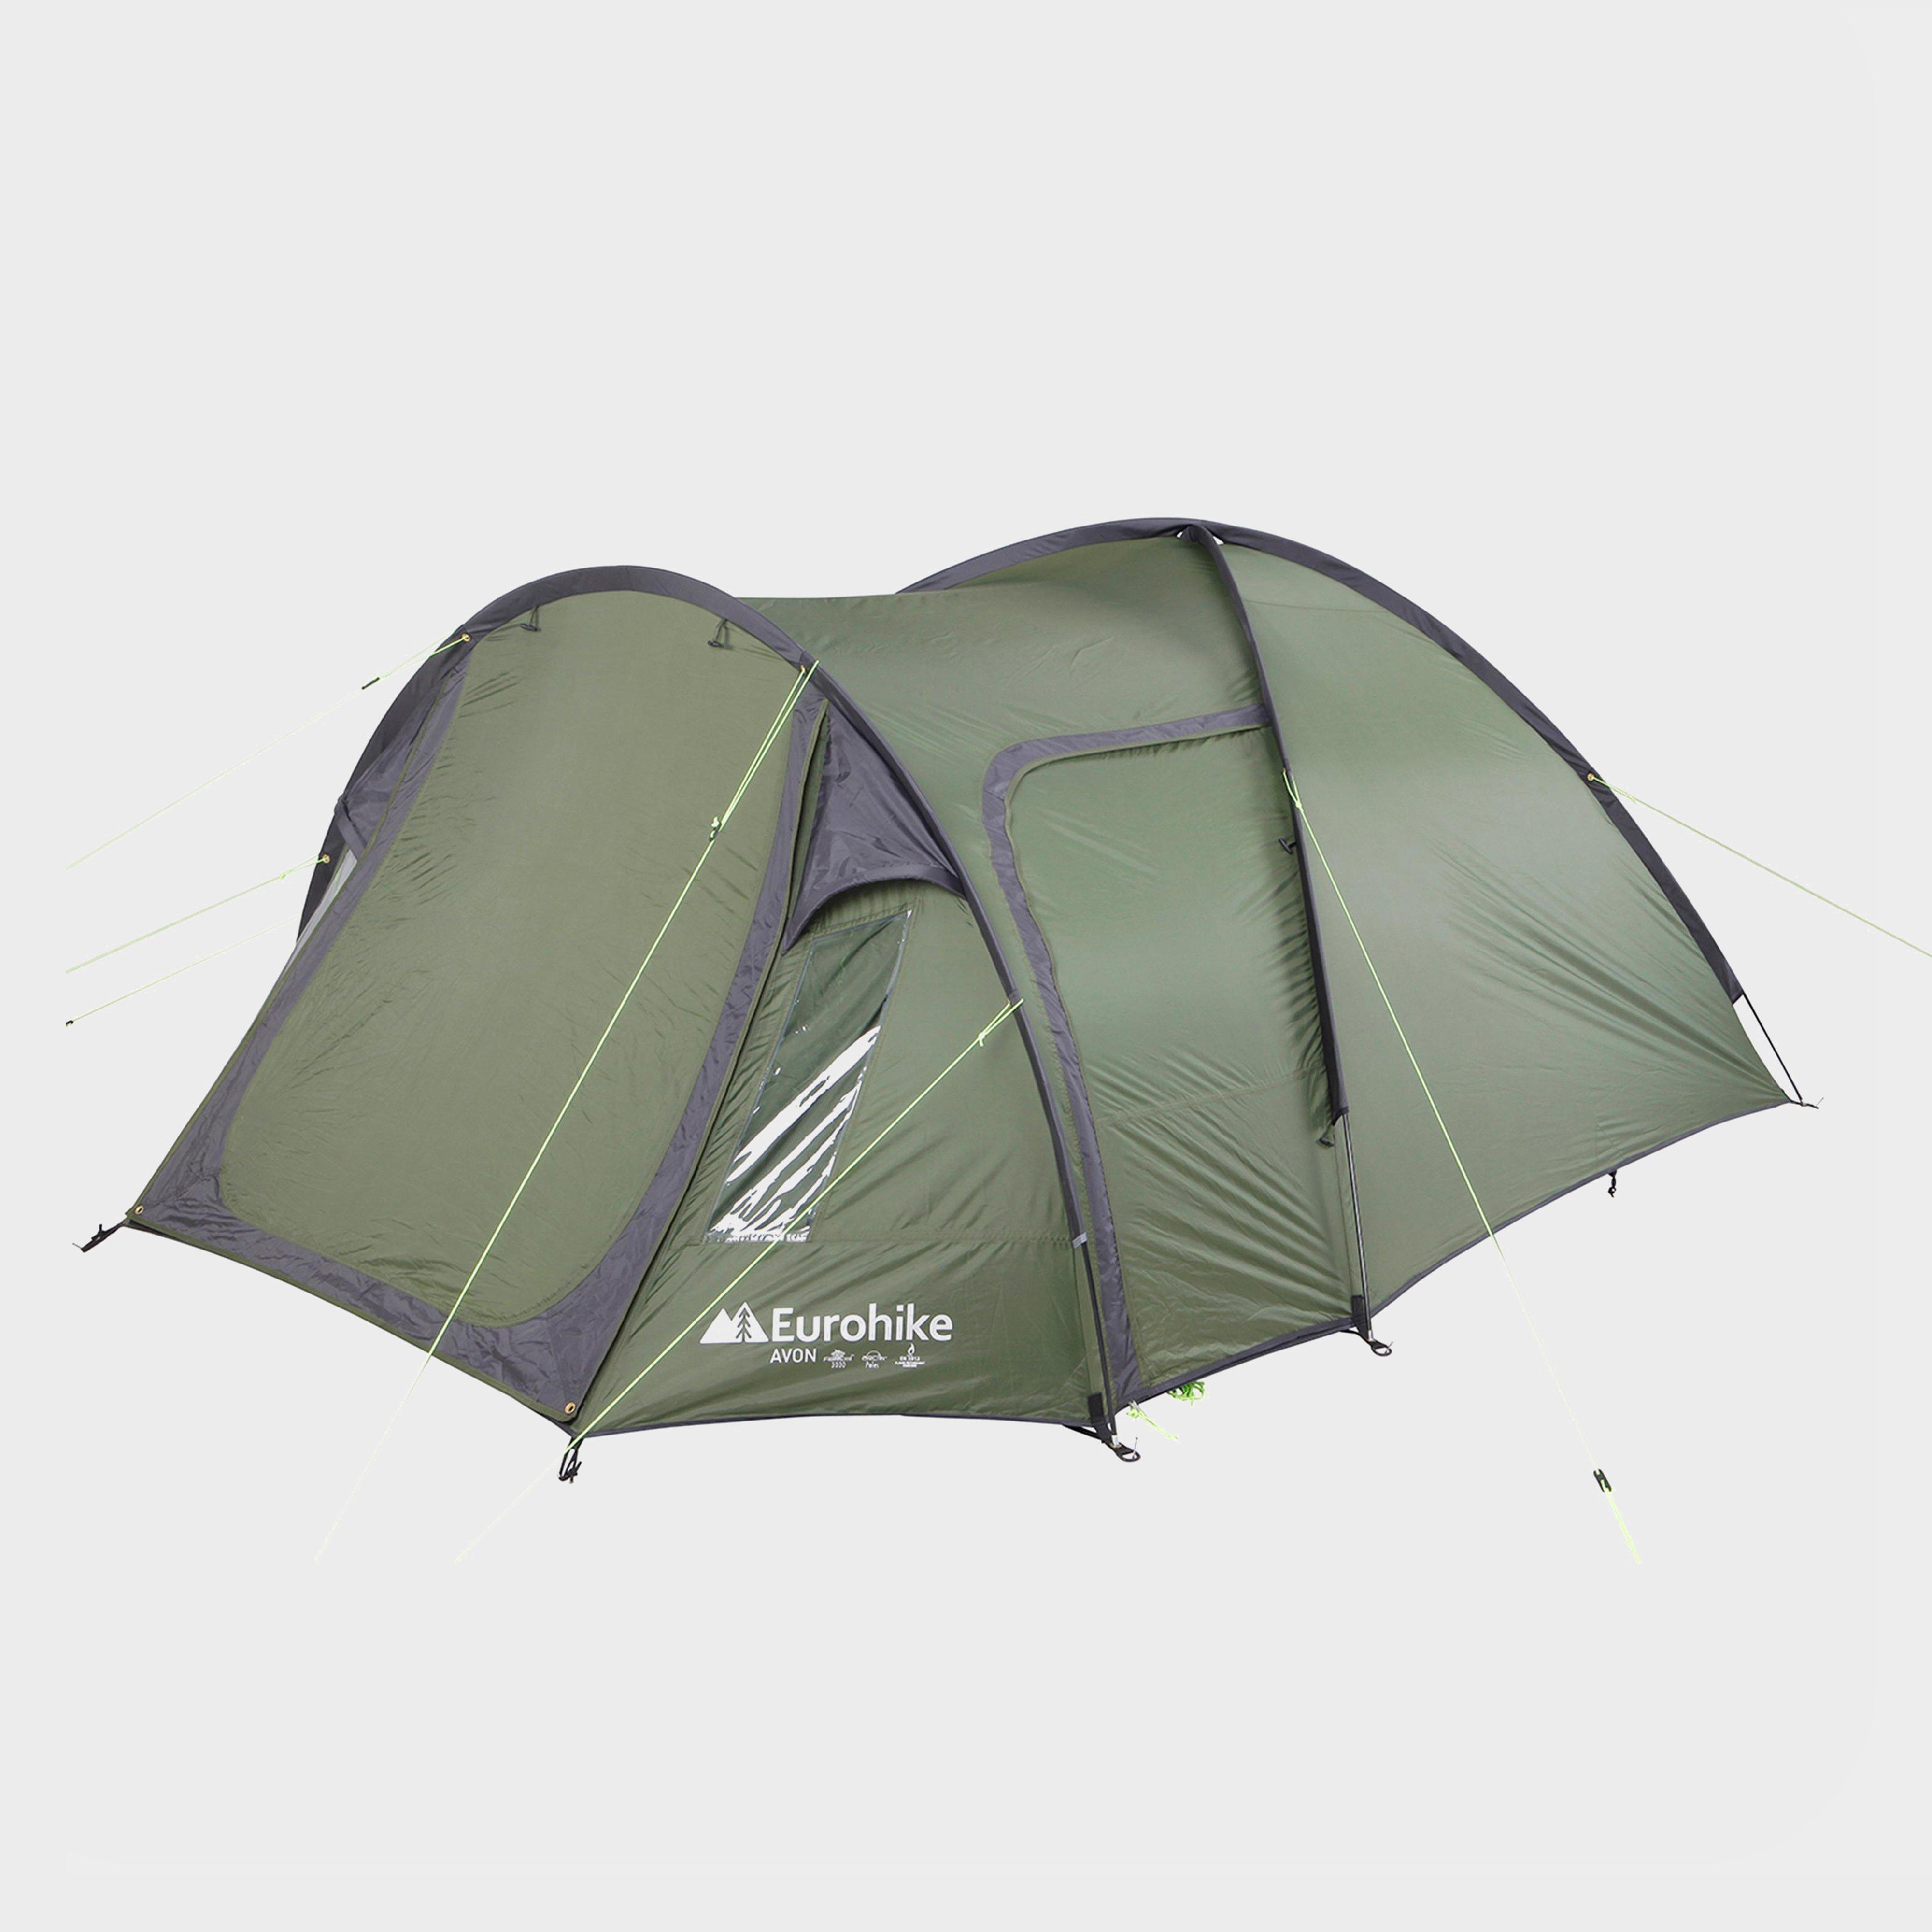 Avon DLX 3 Man Tent & Eurohike Avon DLX 3 Man Tent